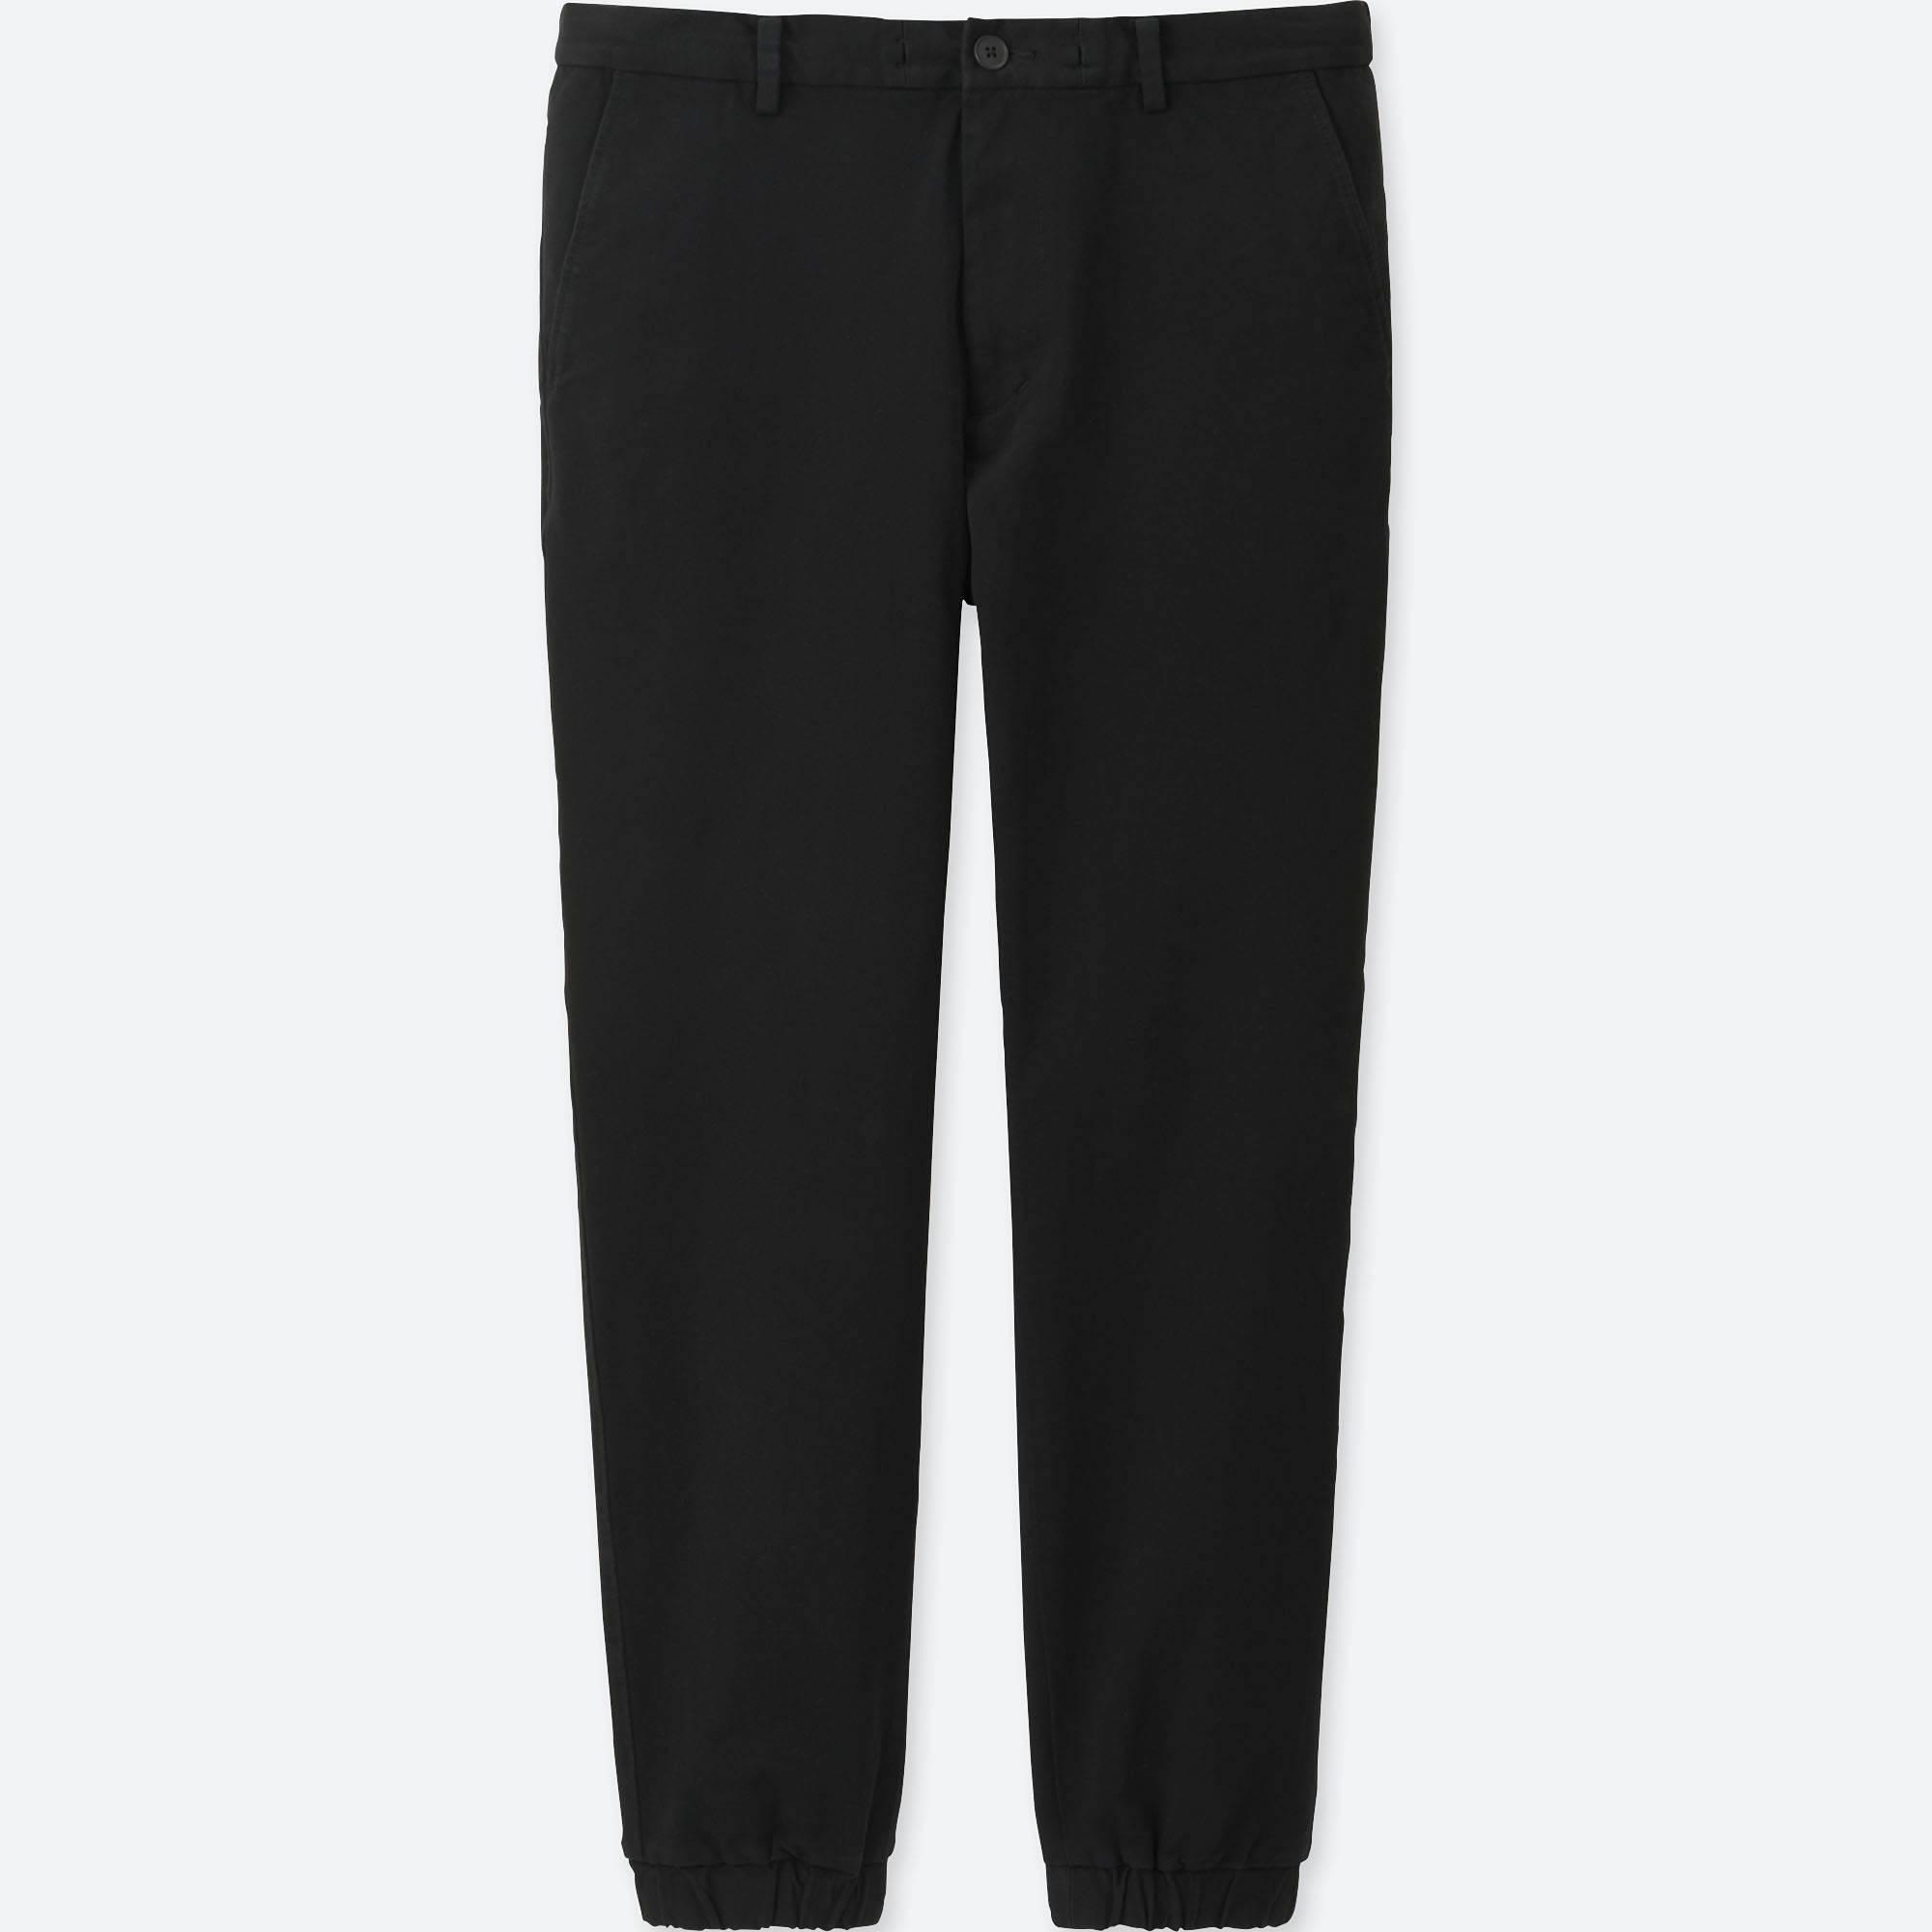 M co black dress slacks